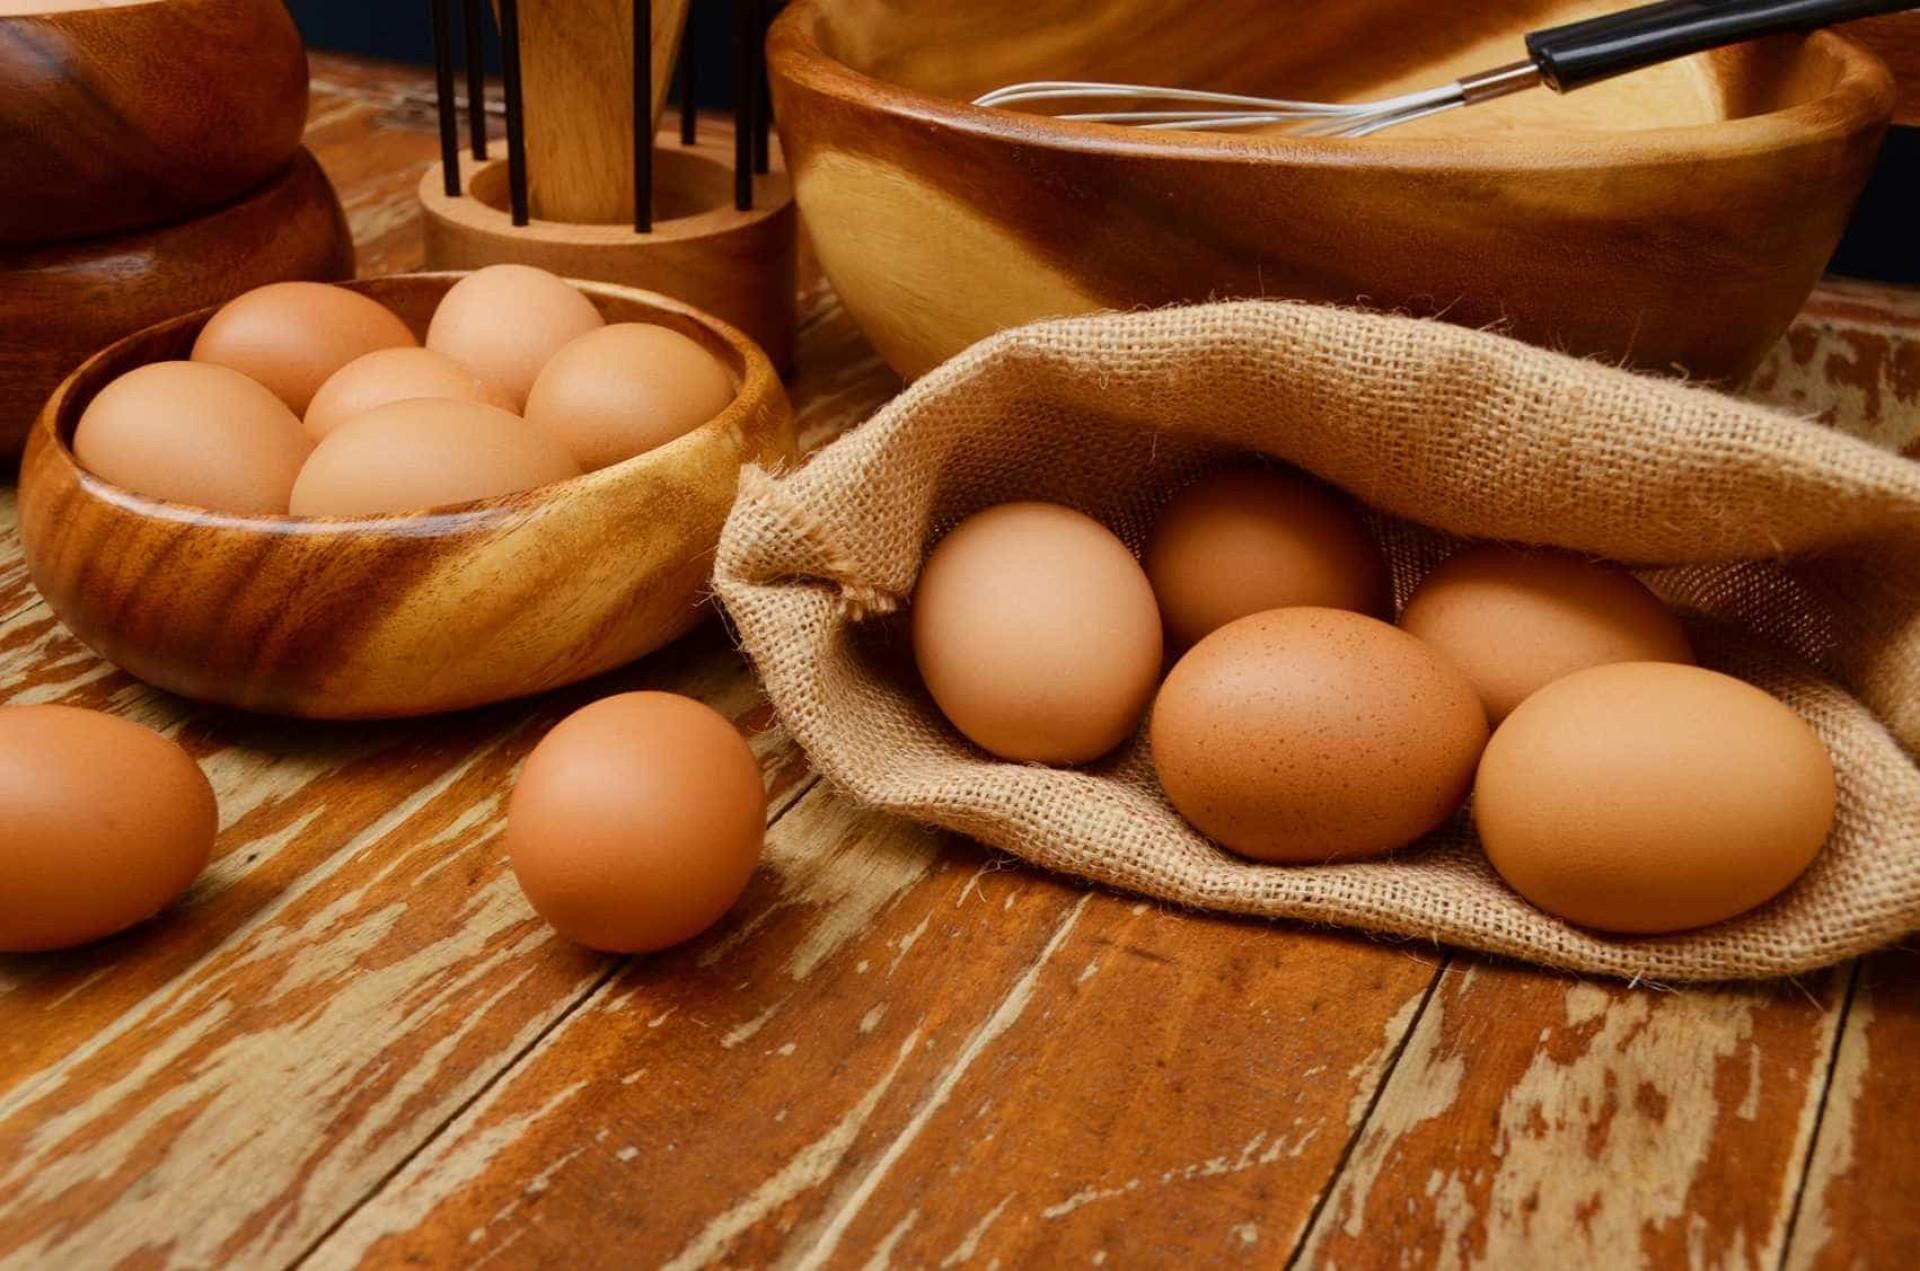 14 alimentos com poucos carboidratos  que são amigos da dieta